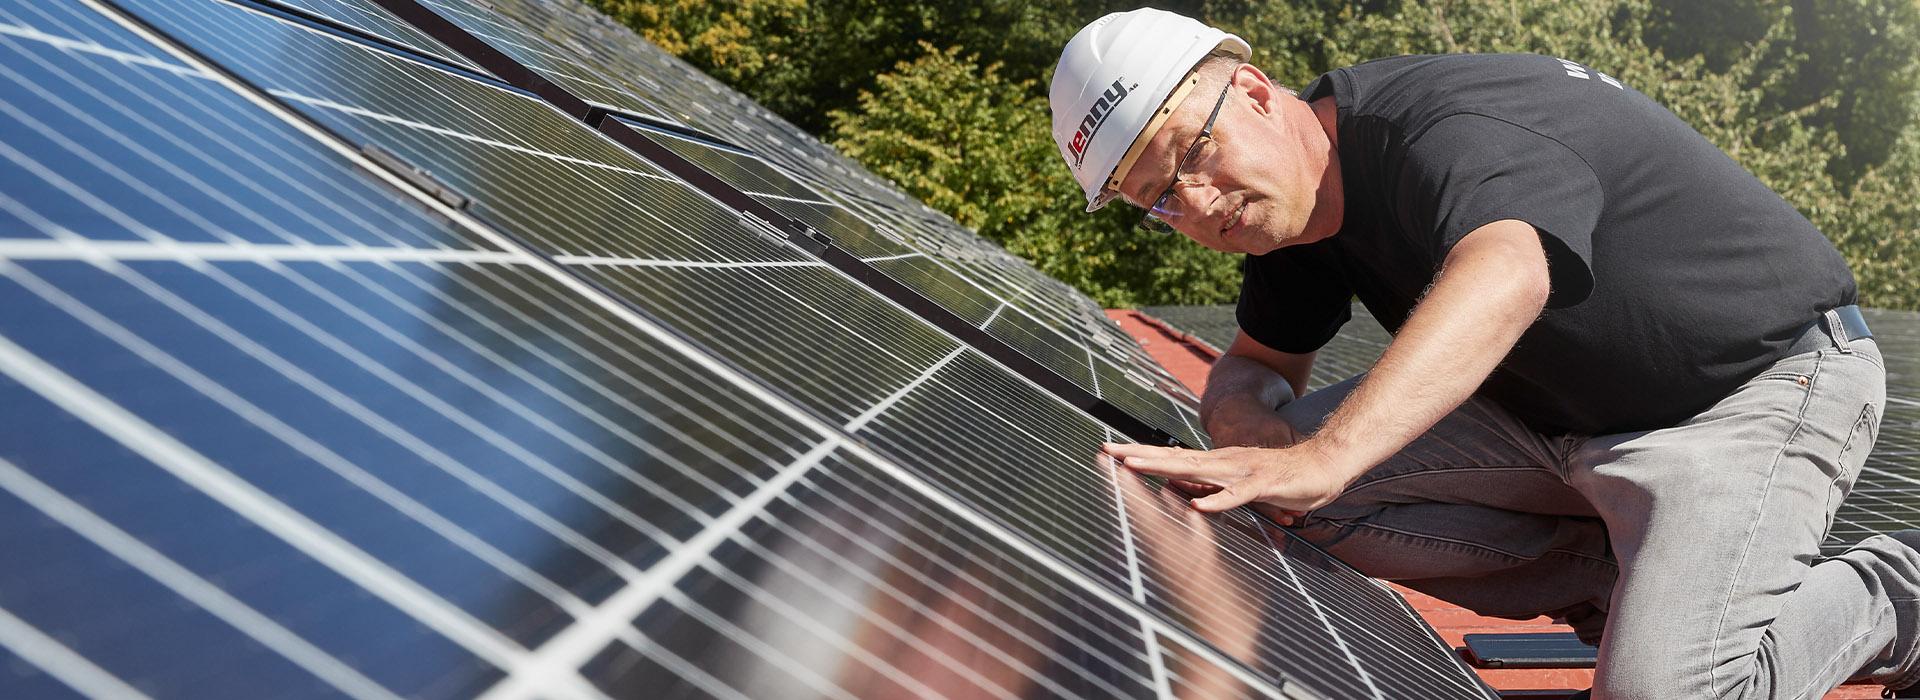 Energielösungen: eine Fachkraft der Solartechnik prüft die Installation der Solarplatten